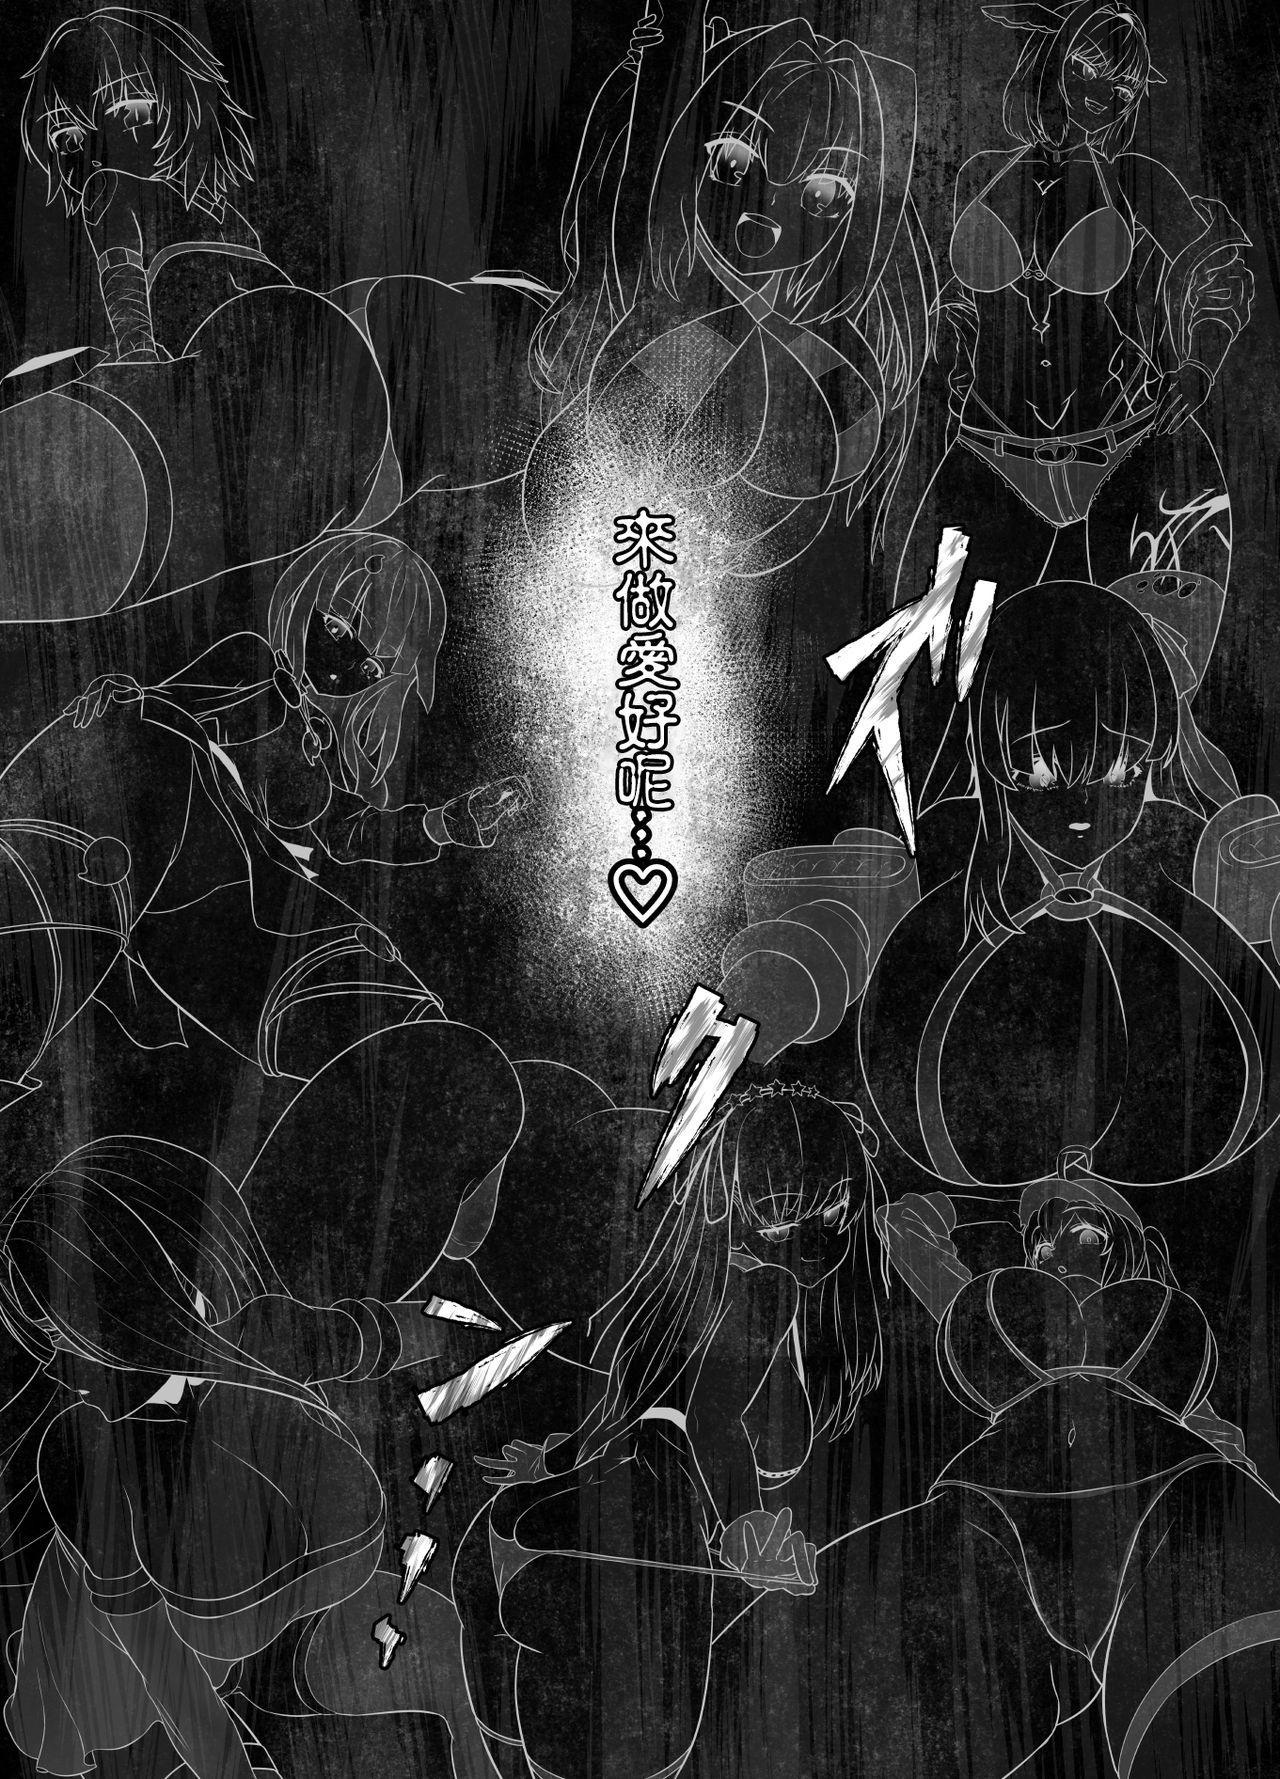 [Sadalsuud (Hoshiaka)] Seijun datta Hazu no Mashu wa Futanari no Yuuwaku ni Ochiru Dai-4-wa (Fate/Grand Order) [Chinese] [不咕鸟汉化组] 50